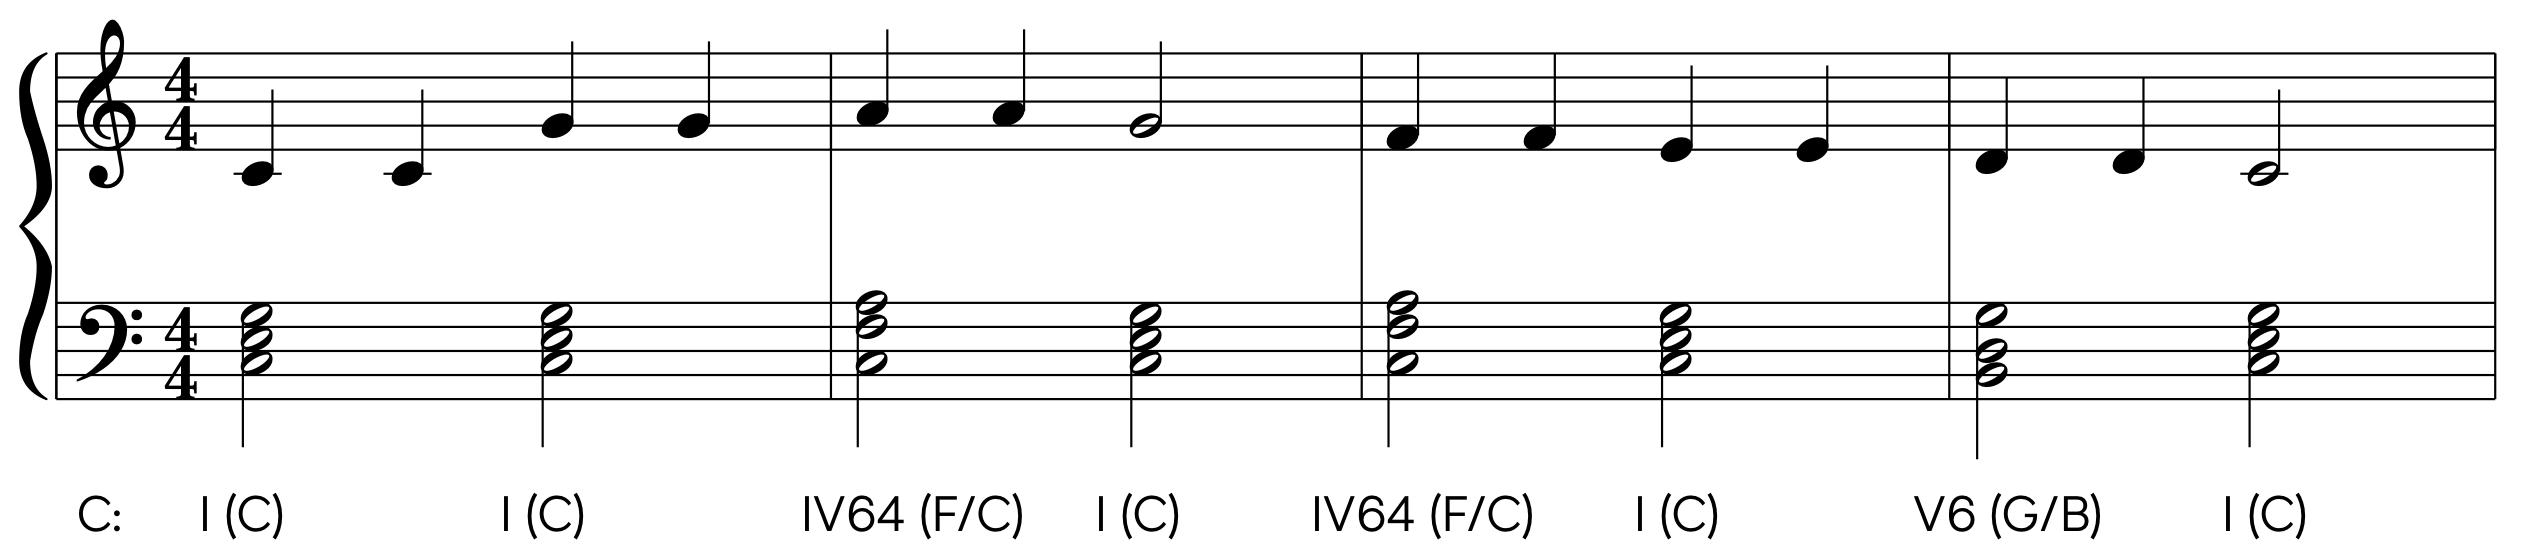 twinkle-twinkle-standard-harmonization